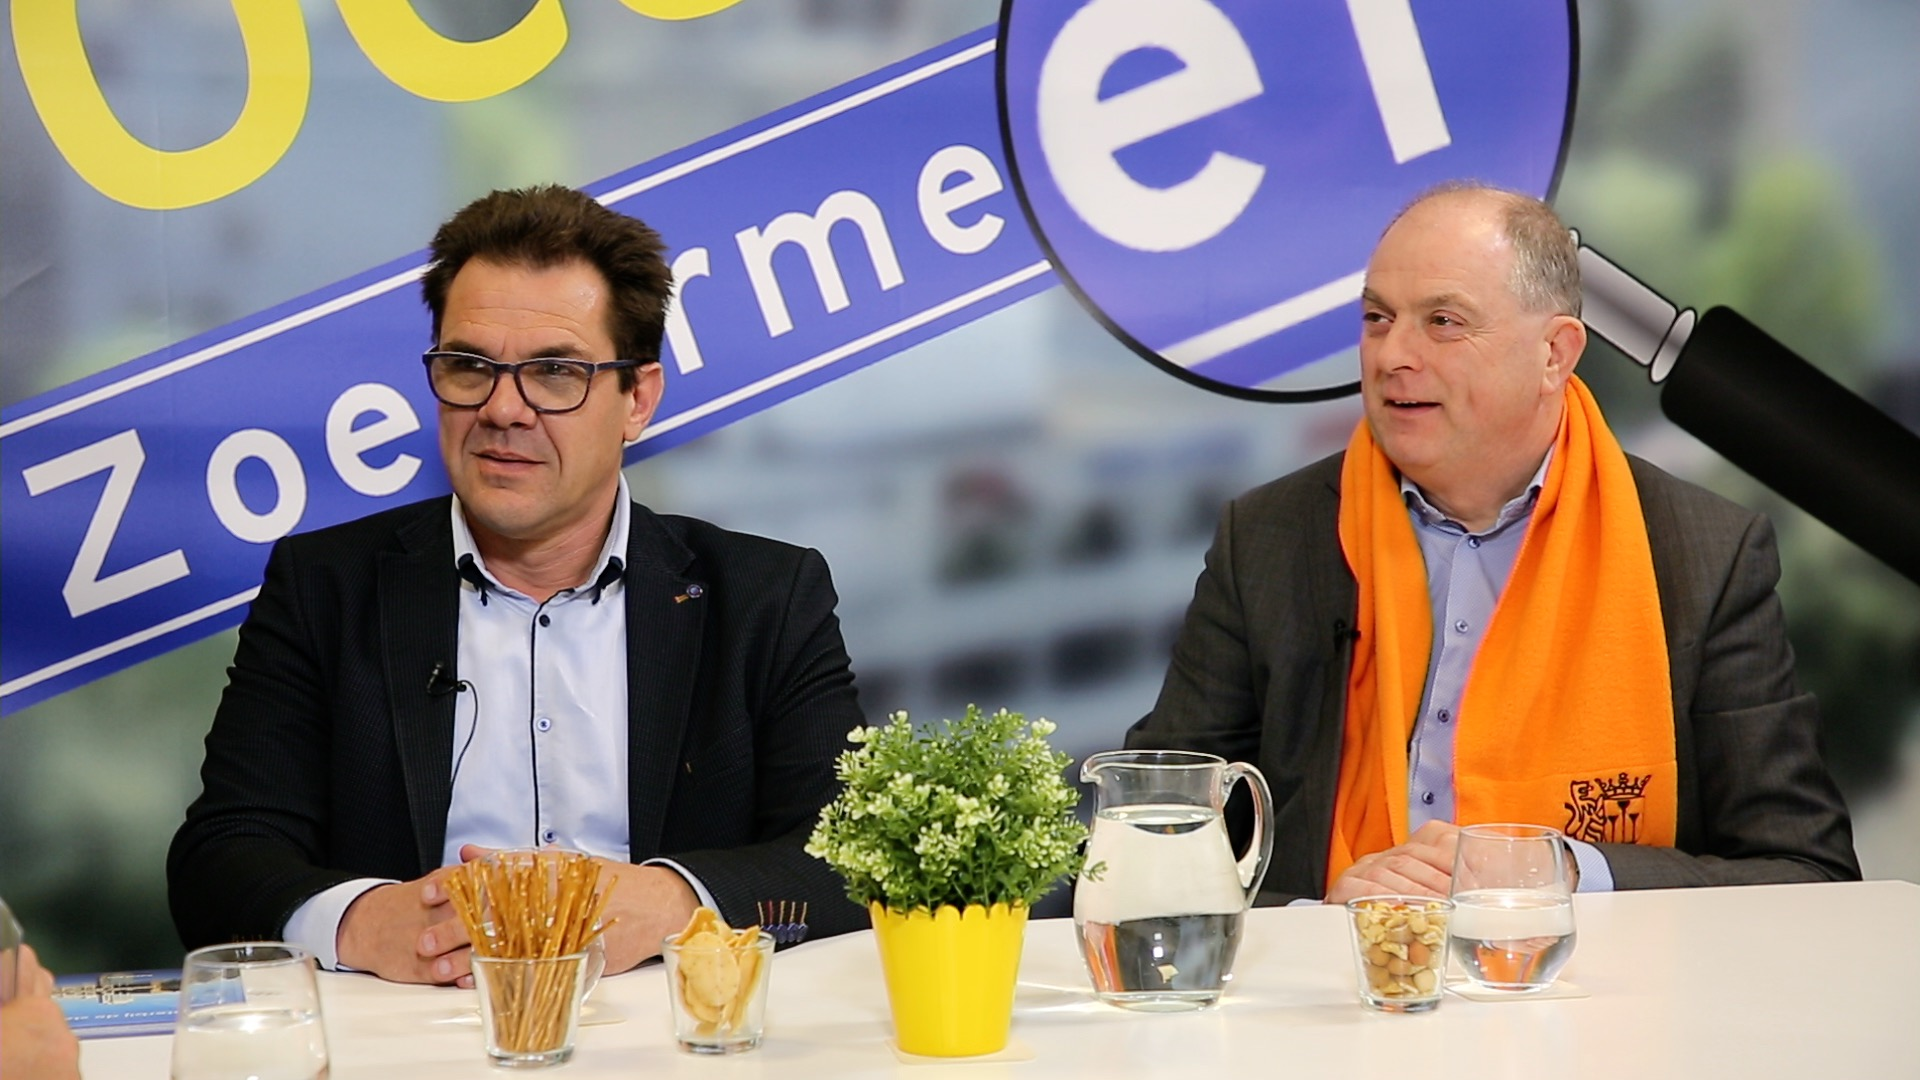 Focus op Zoetermeer (Jaargang 1 Aflevering 4)